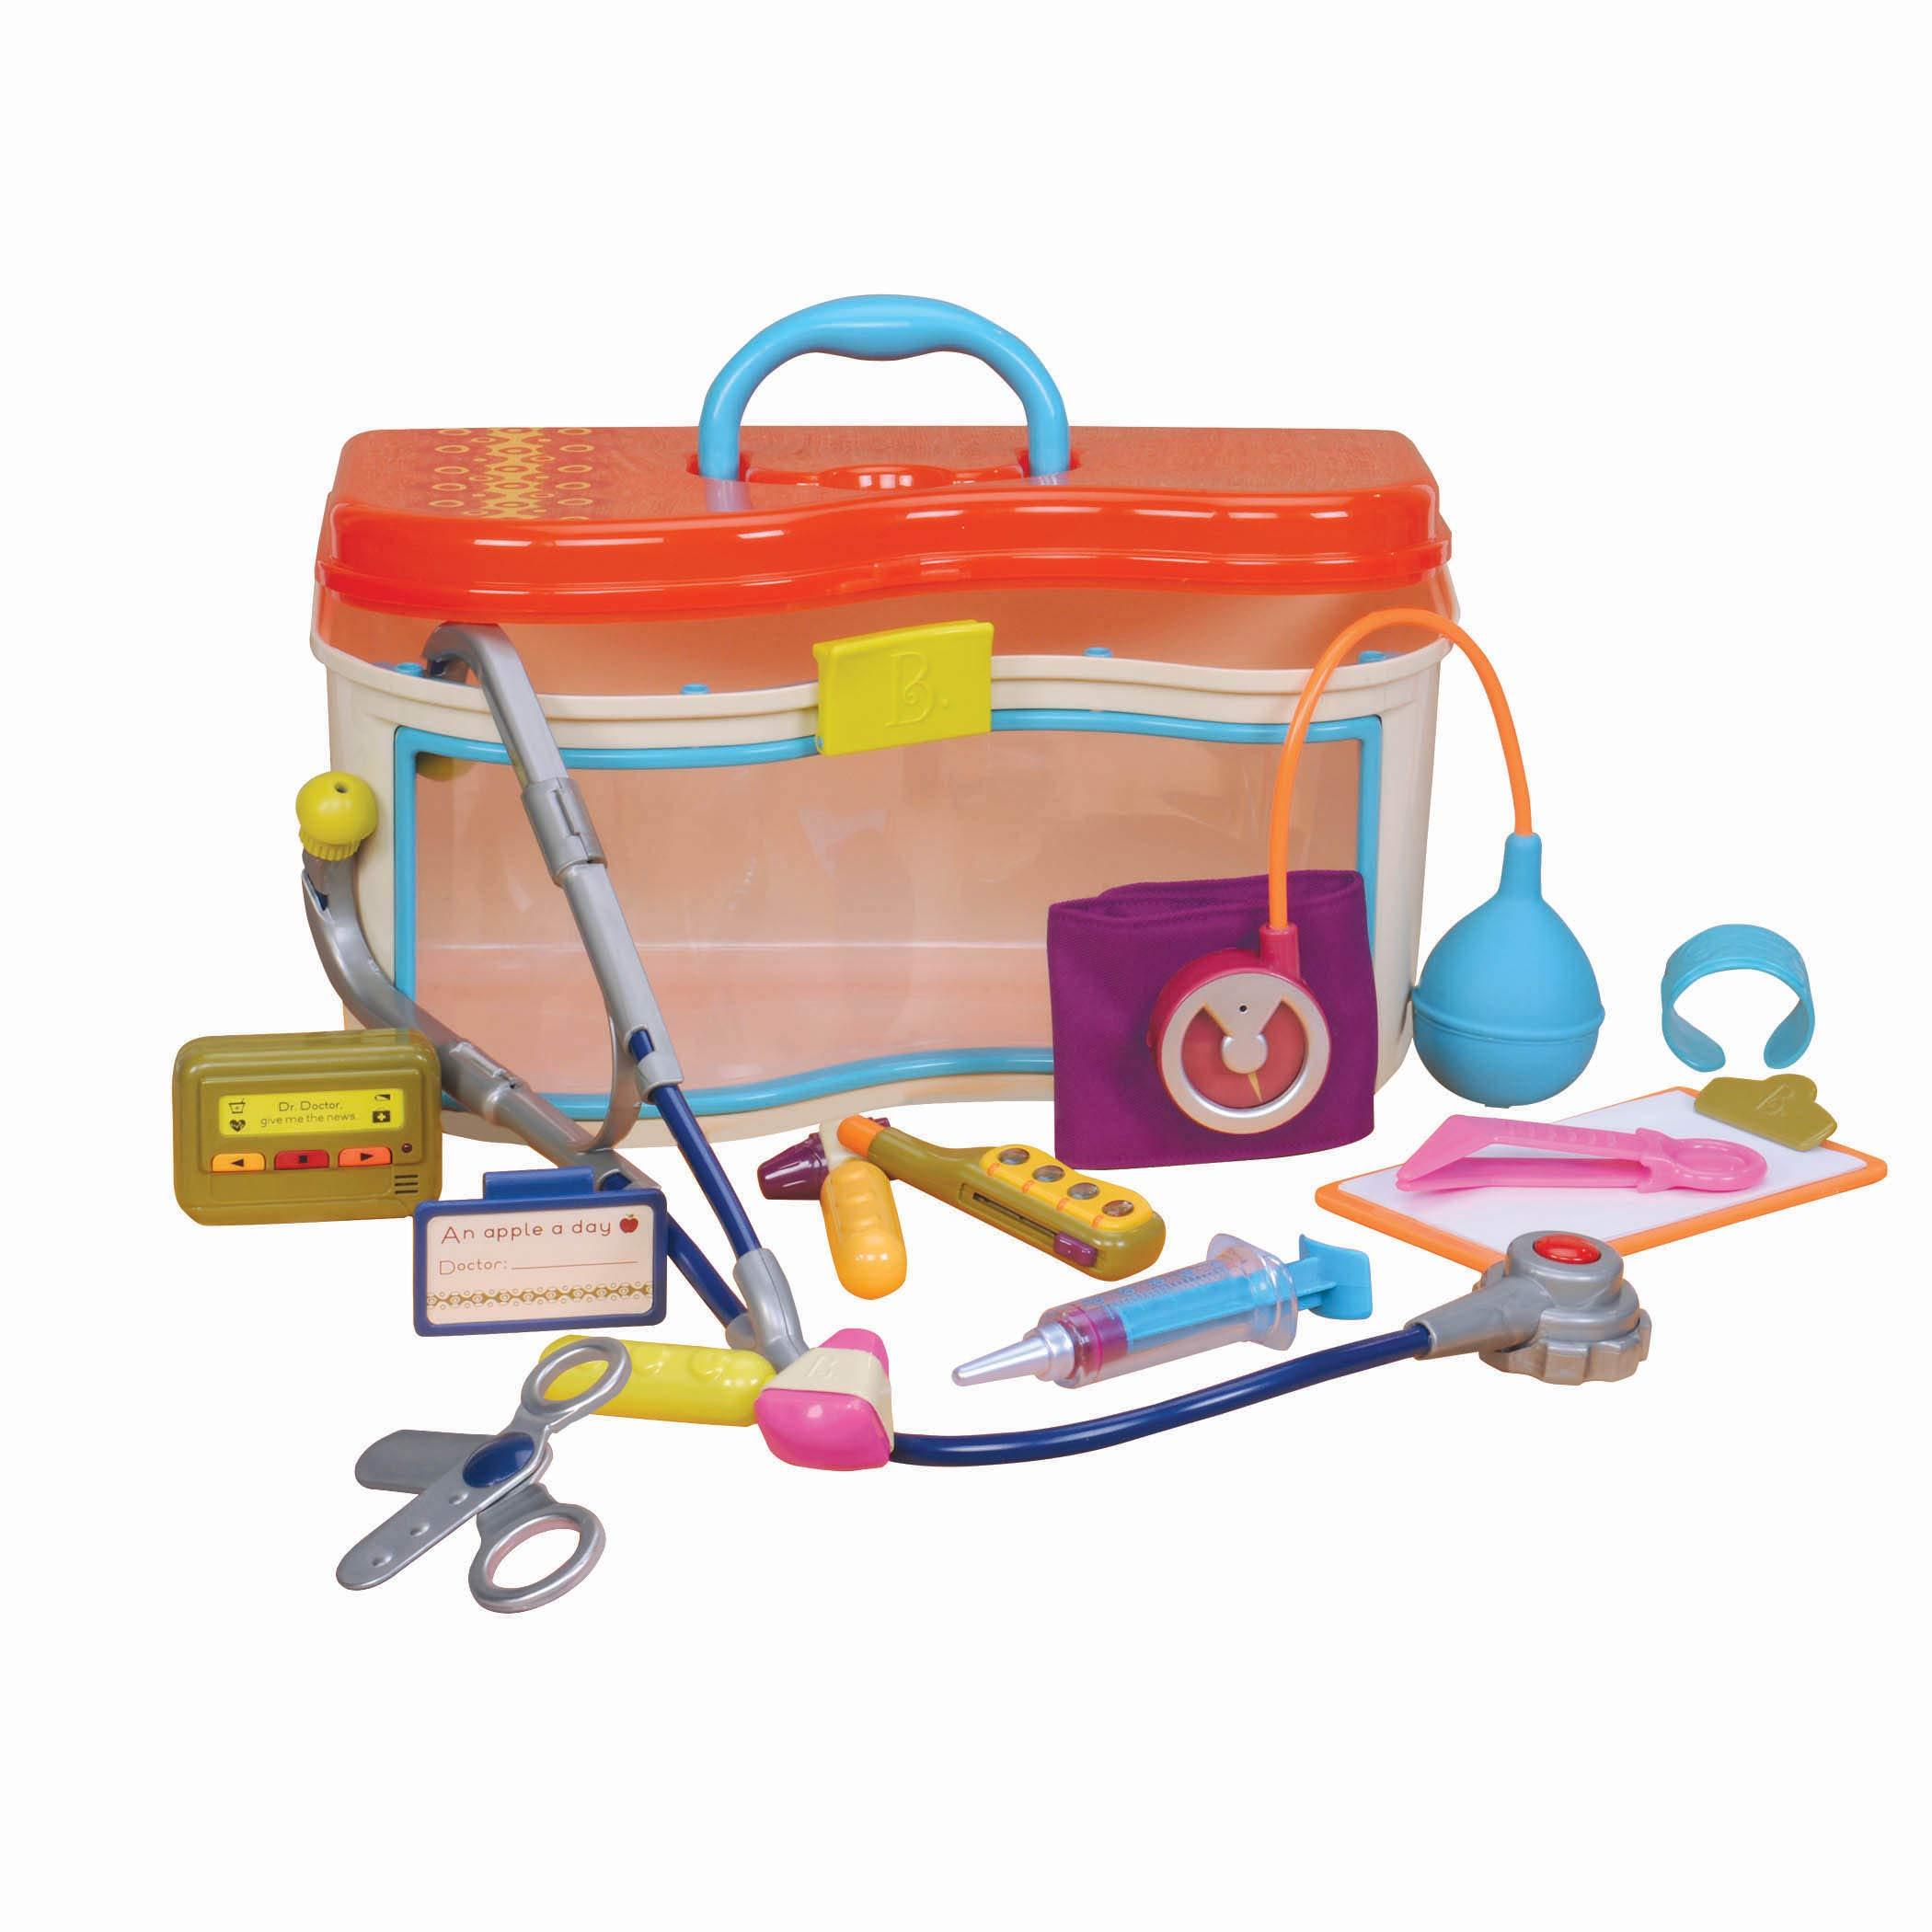 Desconocido Juego de médicos (70.123) product image